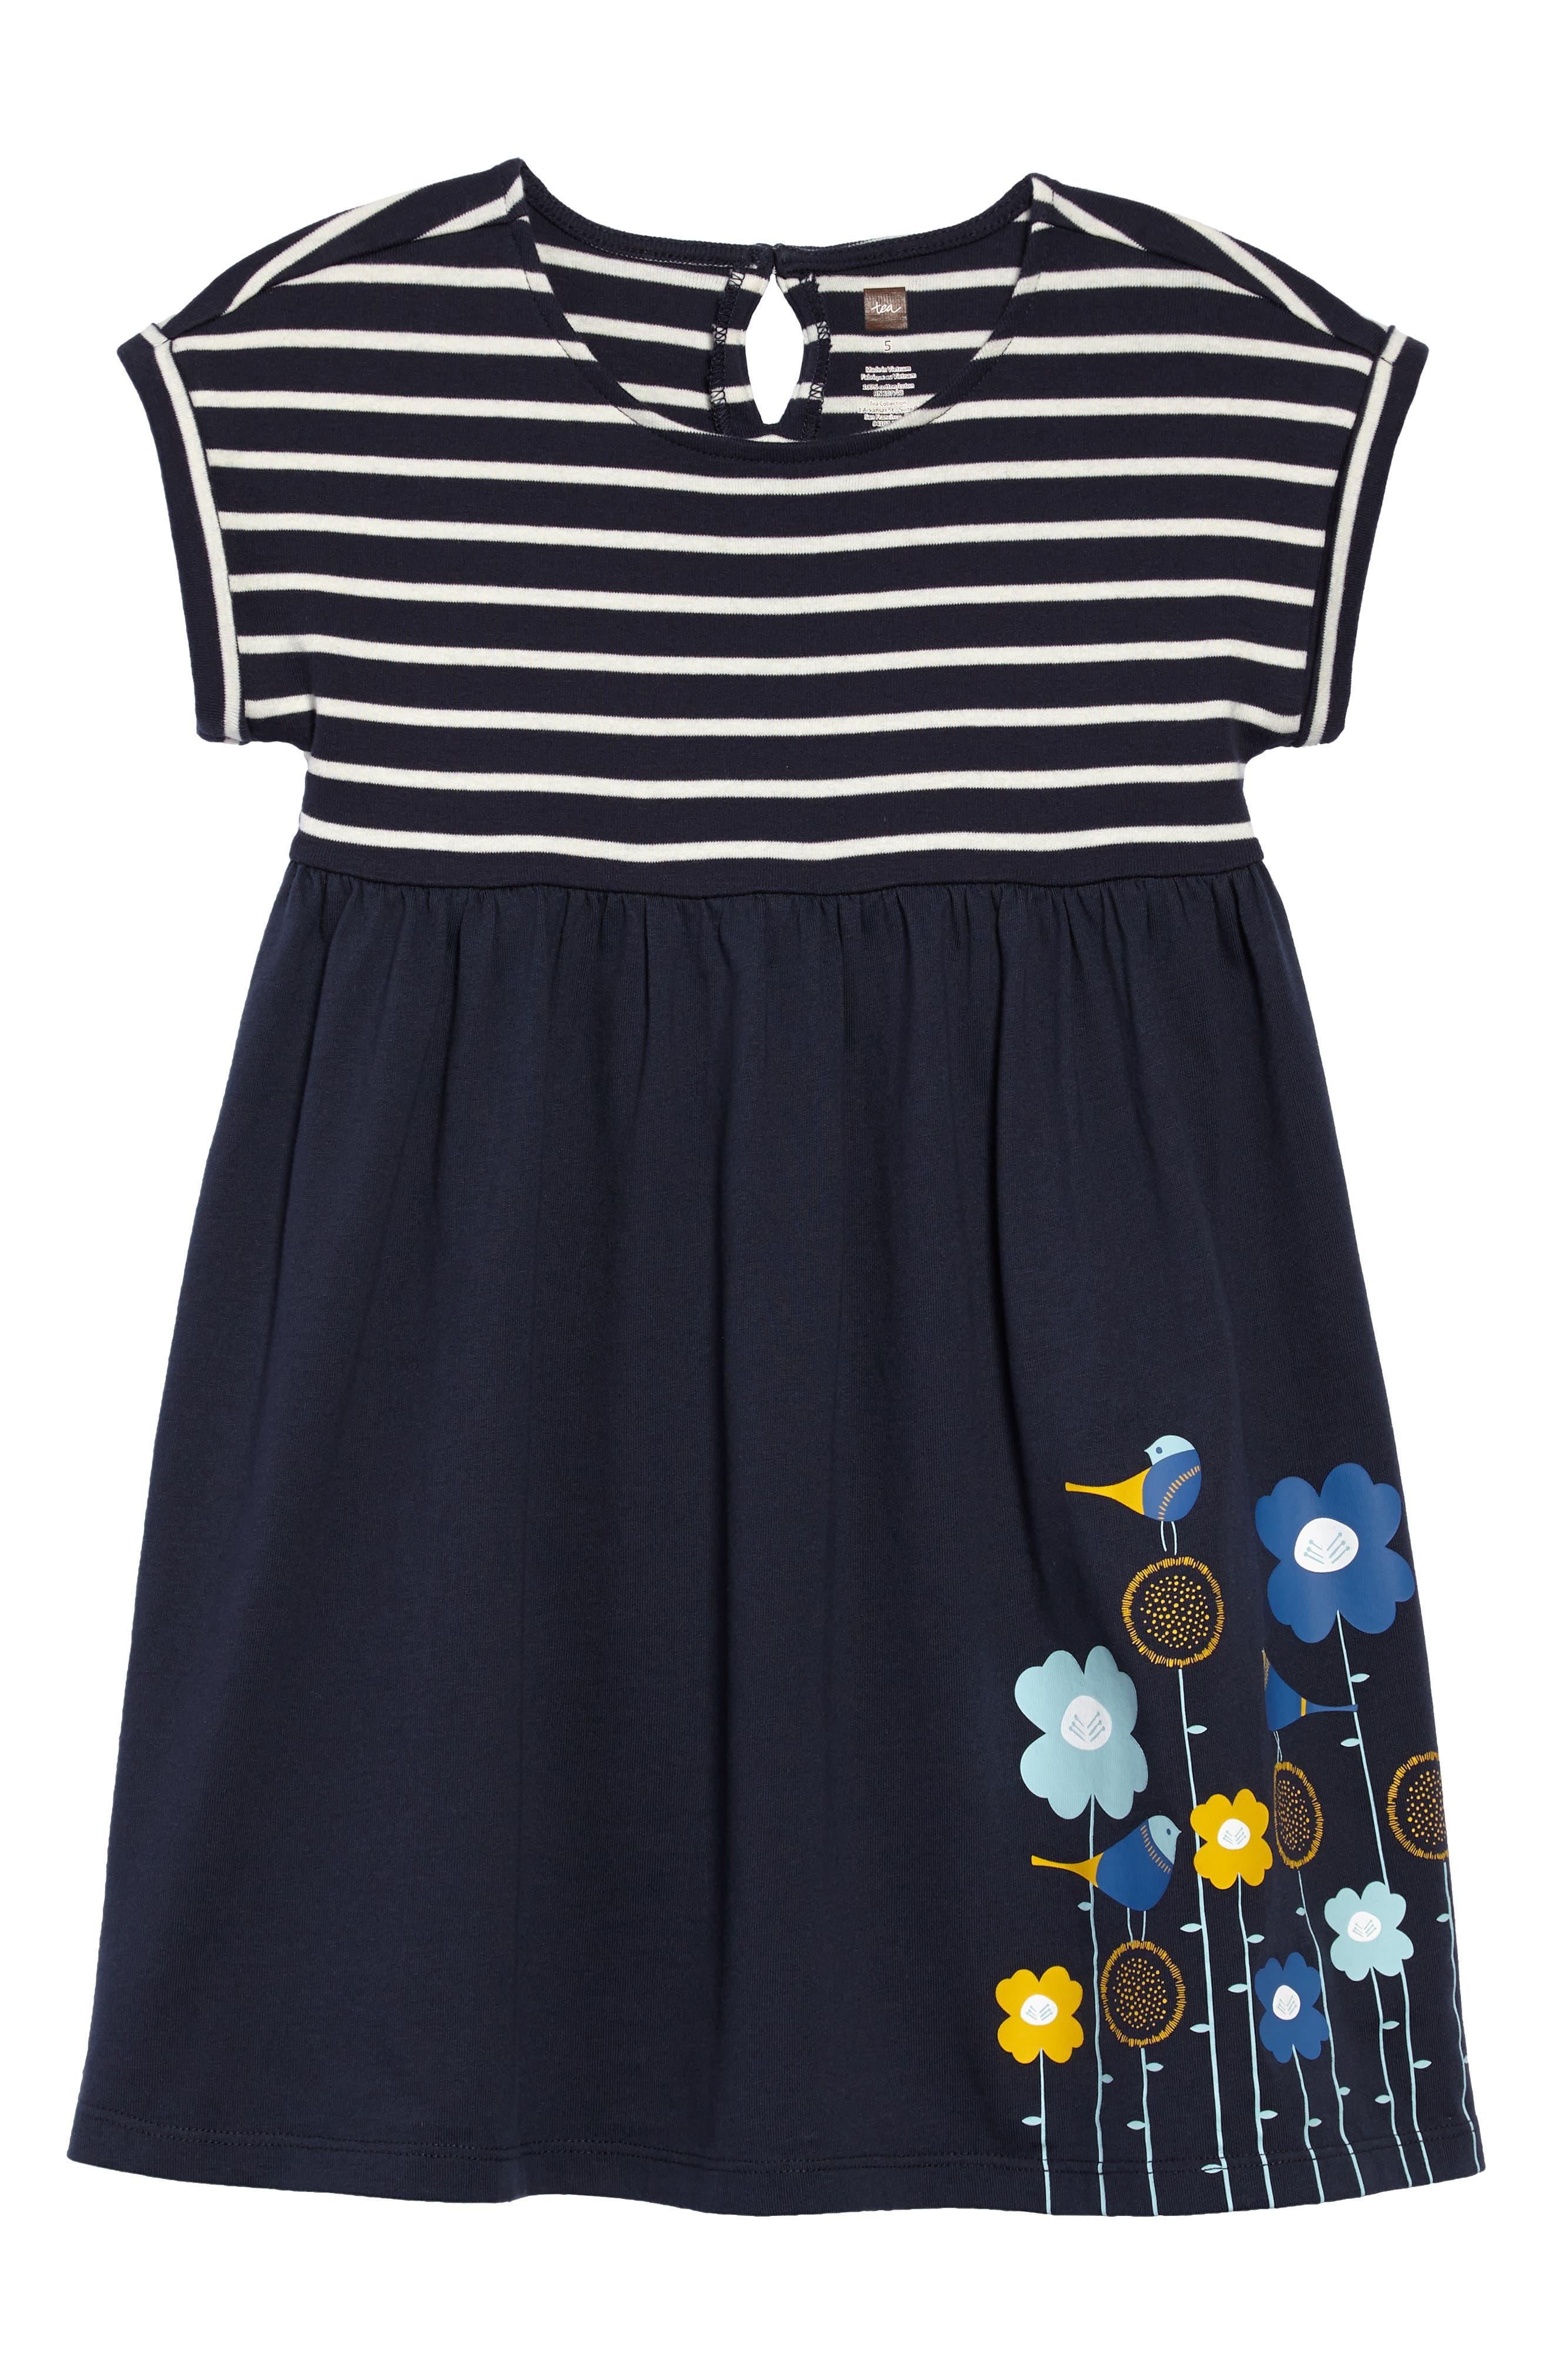 Stripe & Floral Print Dress,                         Main,                         color, 411